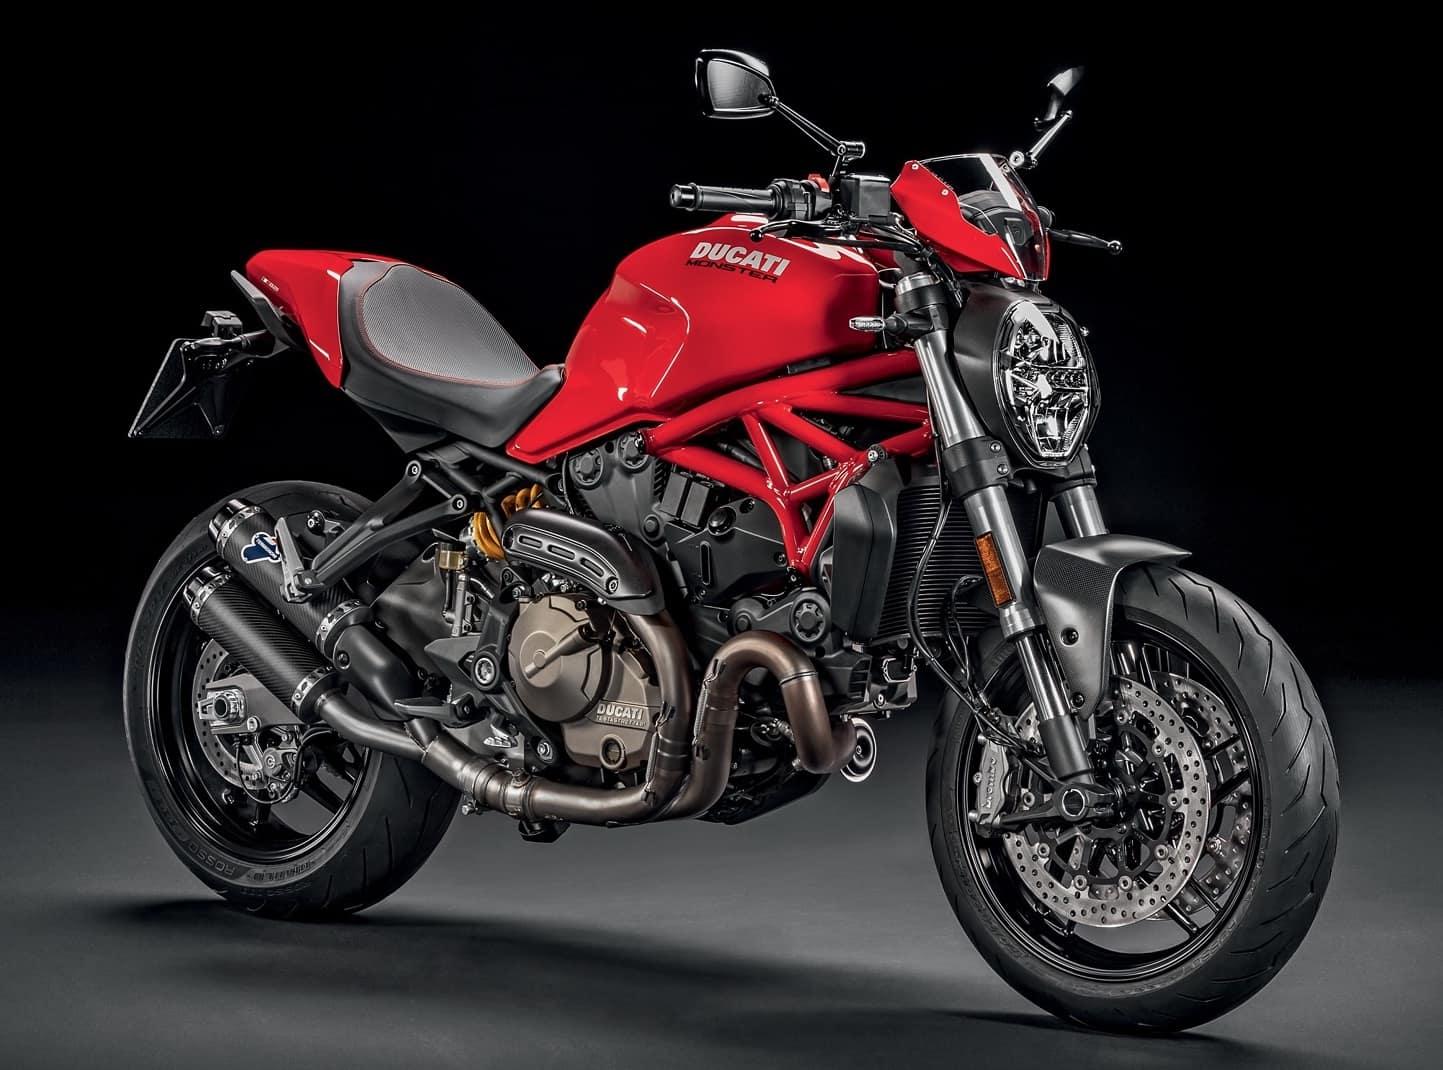 Ducati Monster 821, the modern marvel water-cooled monster